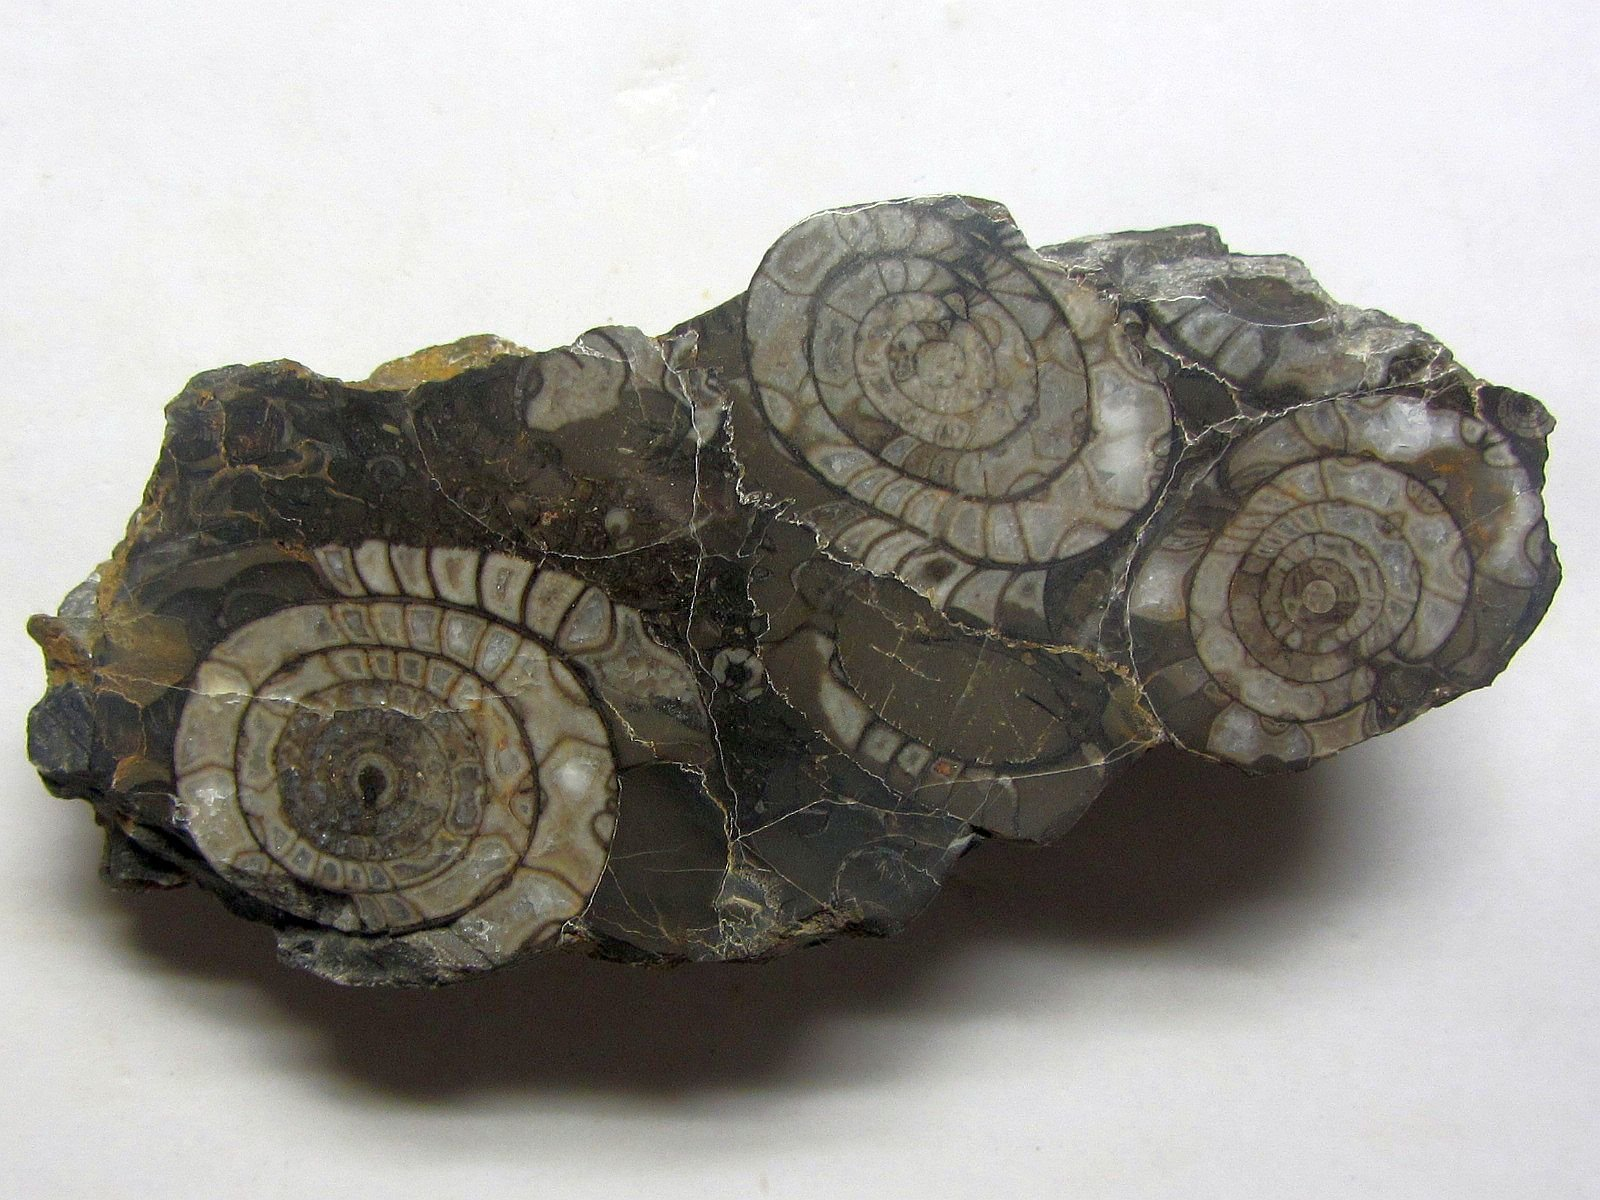 Goniatites sp. (Haan 1825)